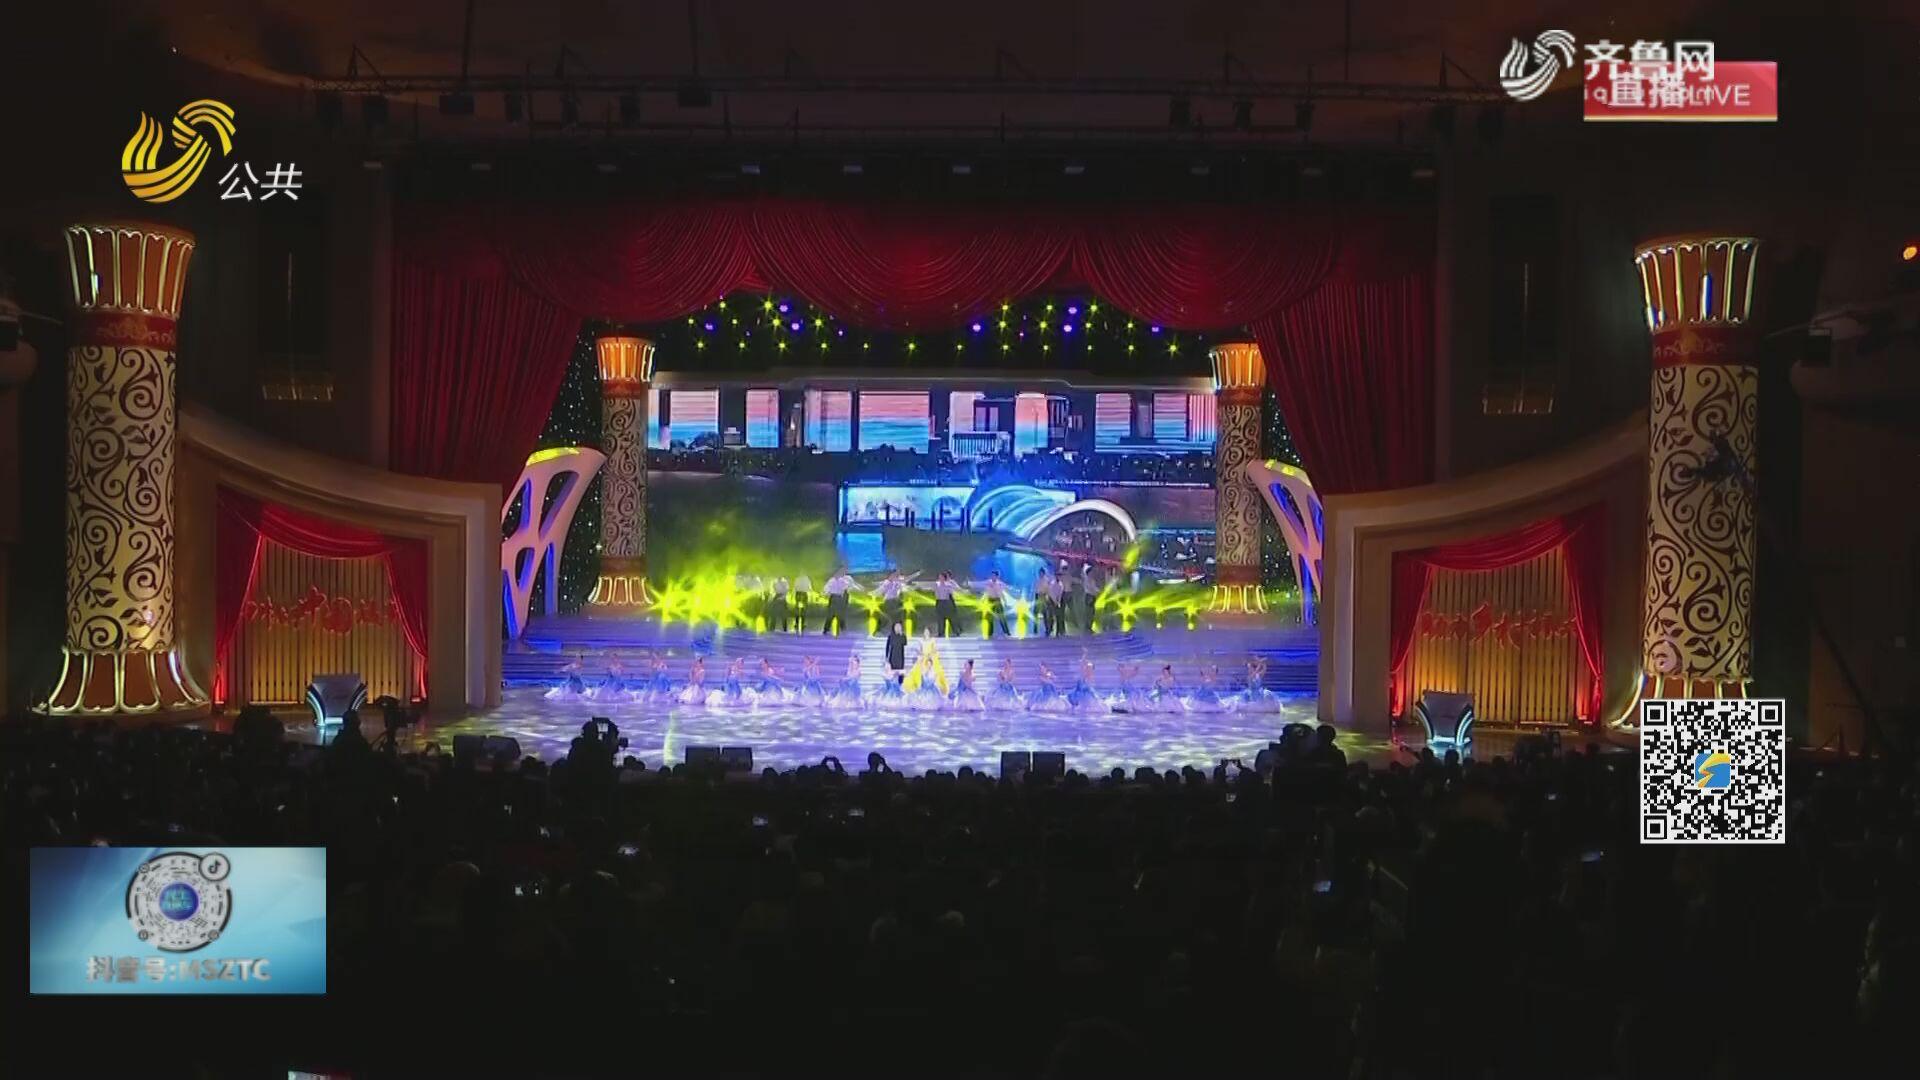 第五届美丽乡村国际微电影艺术节在青岛举办